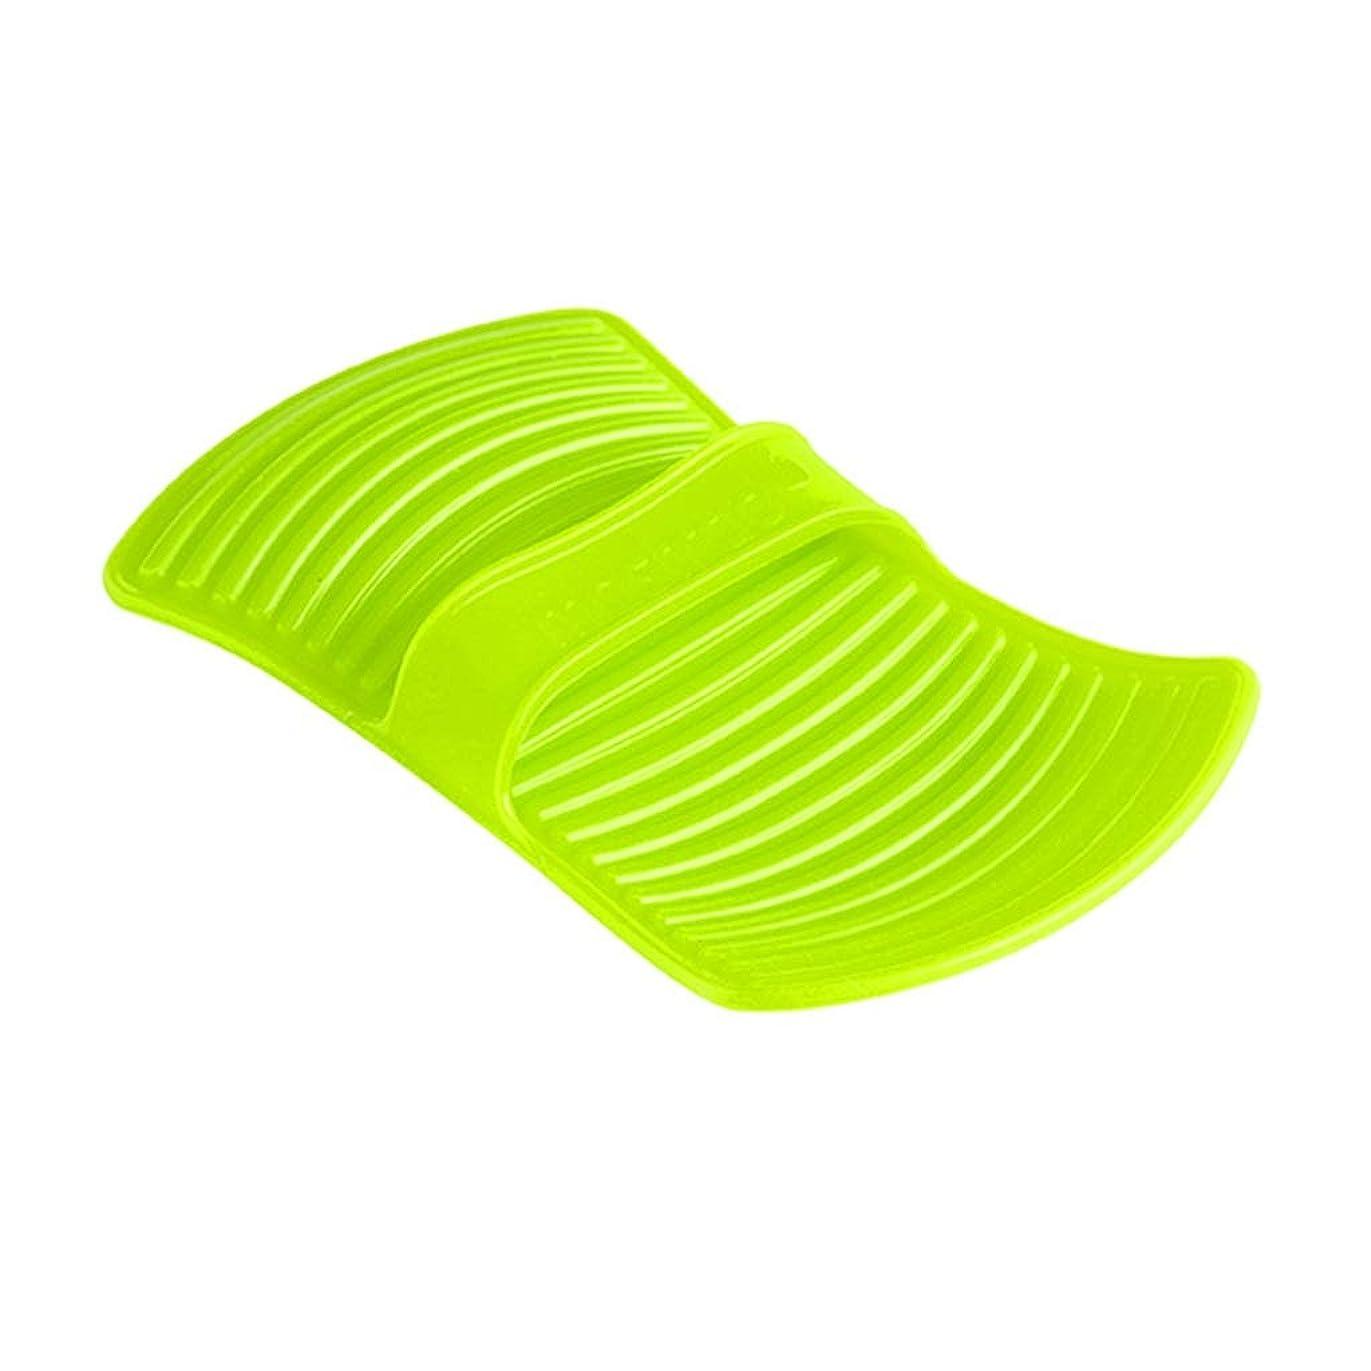 証言する化学疎外するLIUXIN シリコーン断熱材不凍液手袋高温焼け防止手袋家庭用ベーキング手袋滑り止め11.7 * 20.5センチグリーン×1 ゴム手袋